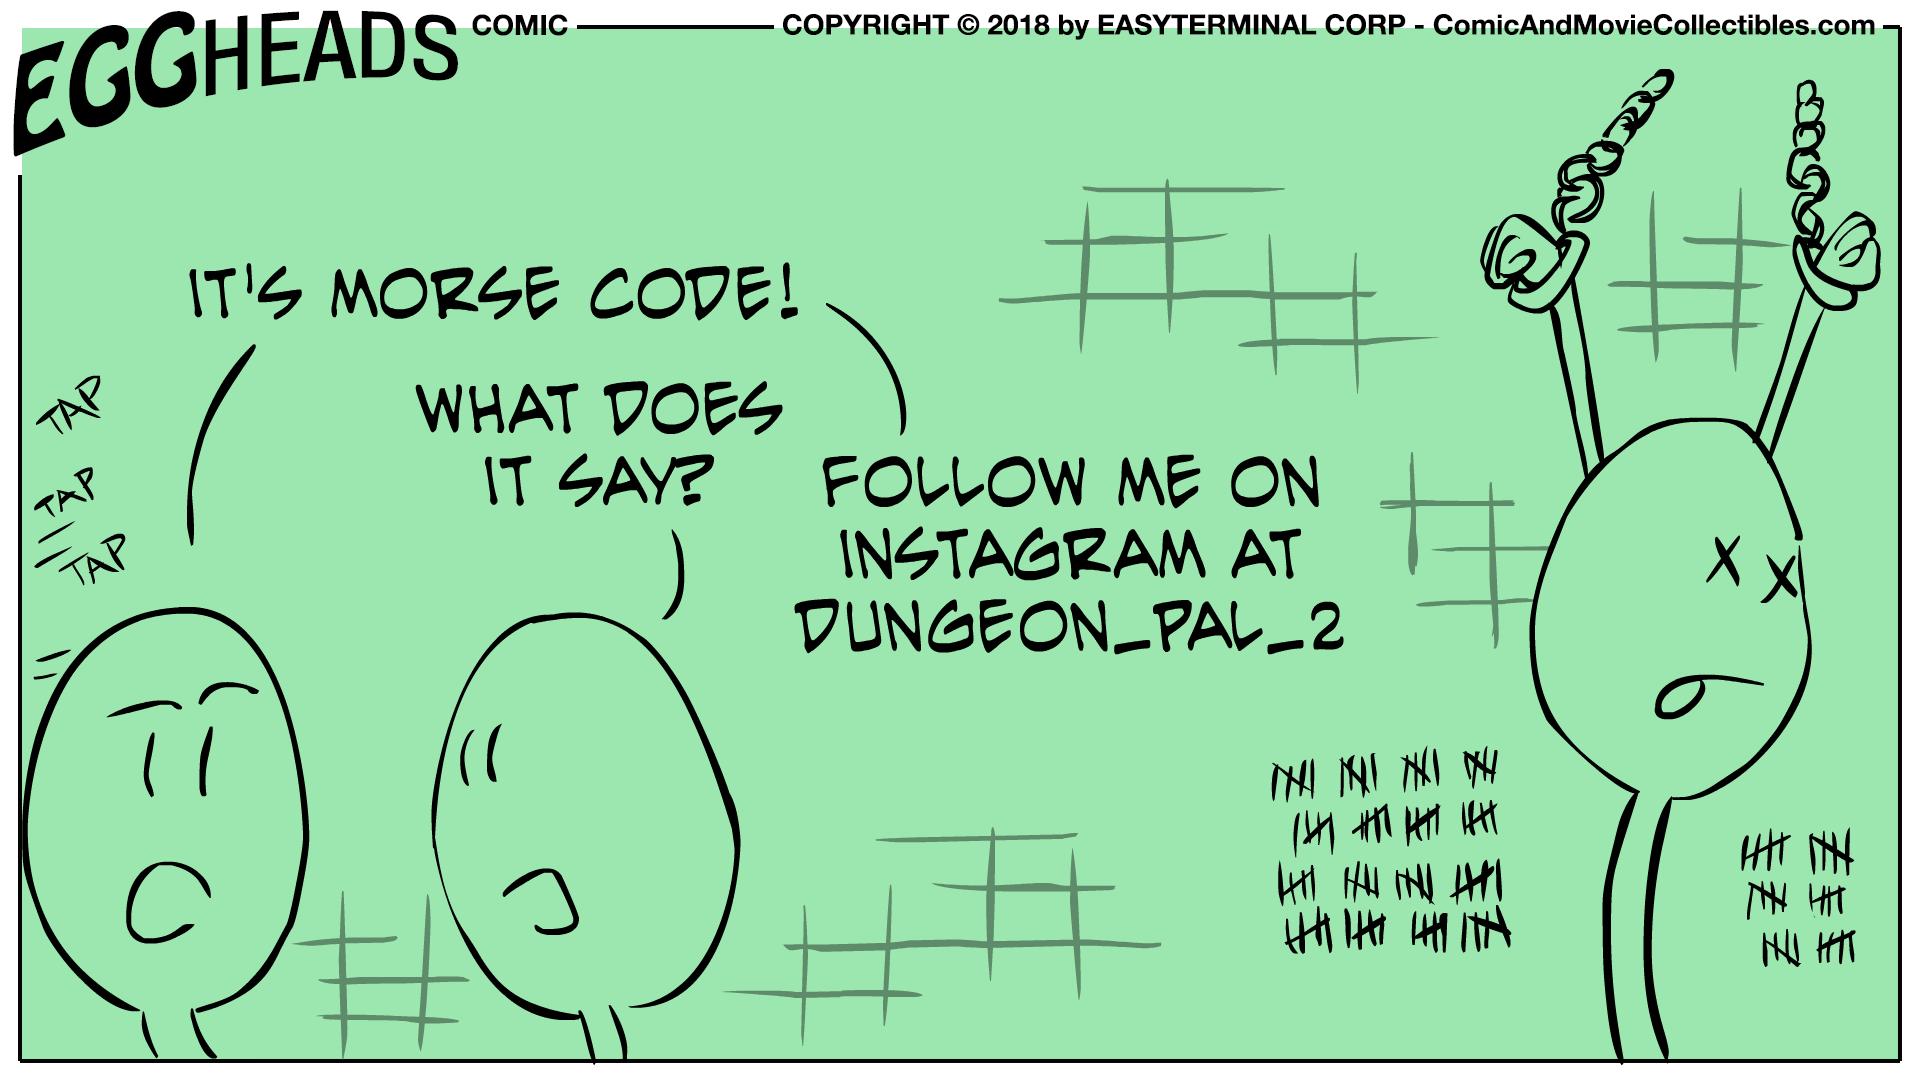 Webcomic Eggheads Comic Strip 033 Morse Code